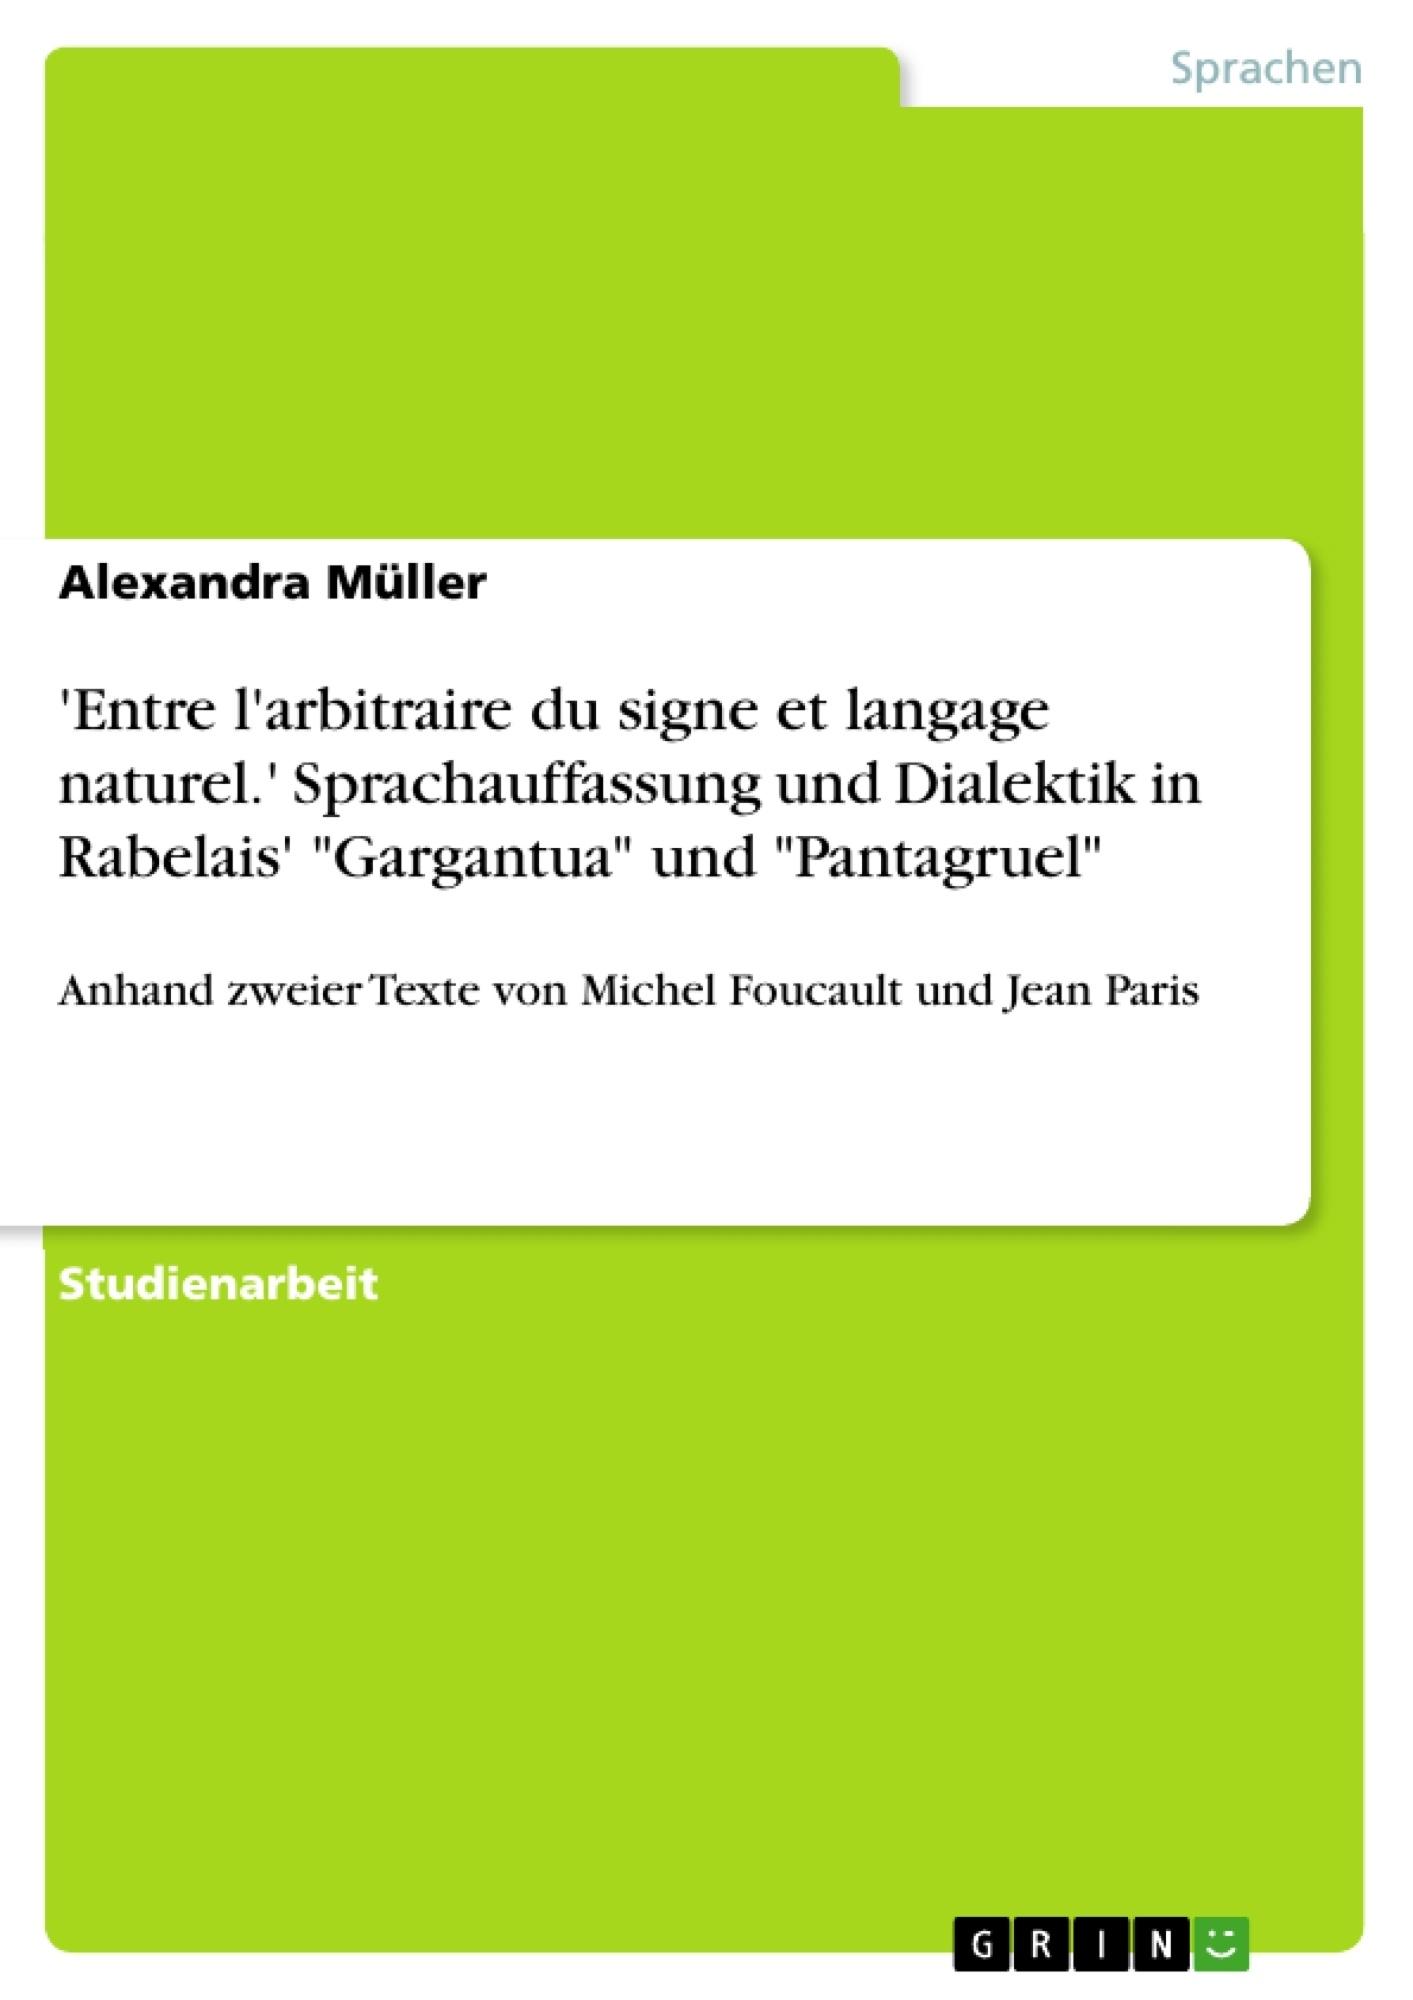 """Titel: 'Entre l'arbitraire du signe et langage naturel.' Sprachauffassung und Dialektik in Rabelais' """"Gargantua"""" und """"Pantagruel"""""""